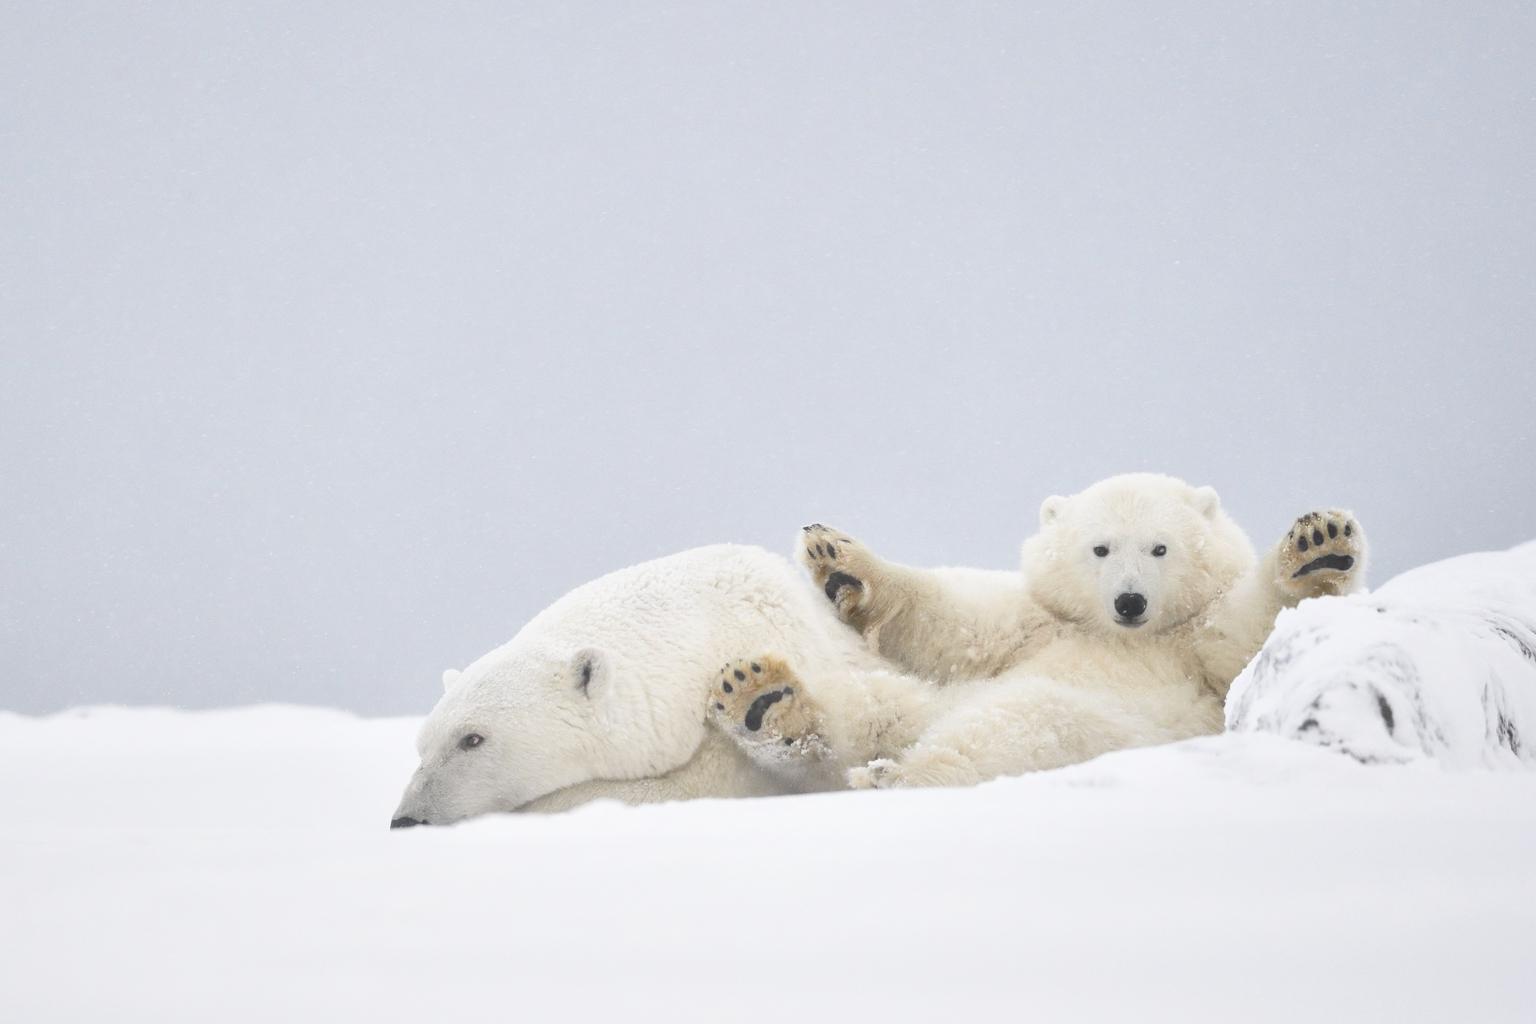 Jegesmedvék Alaszkában. (Fotó: AFP)